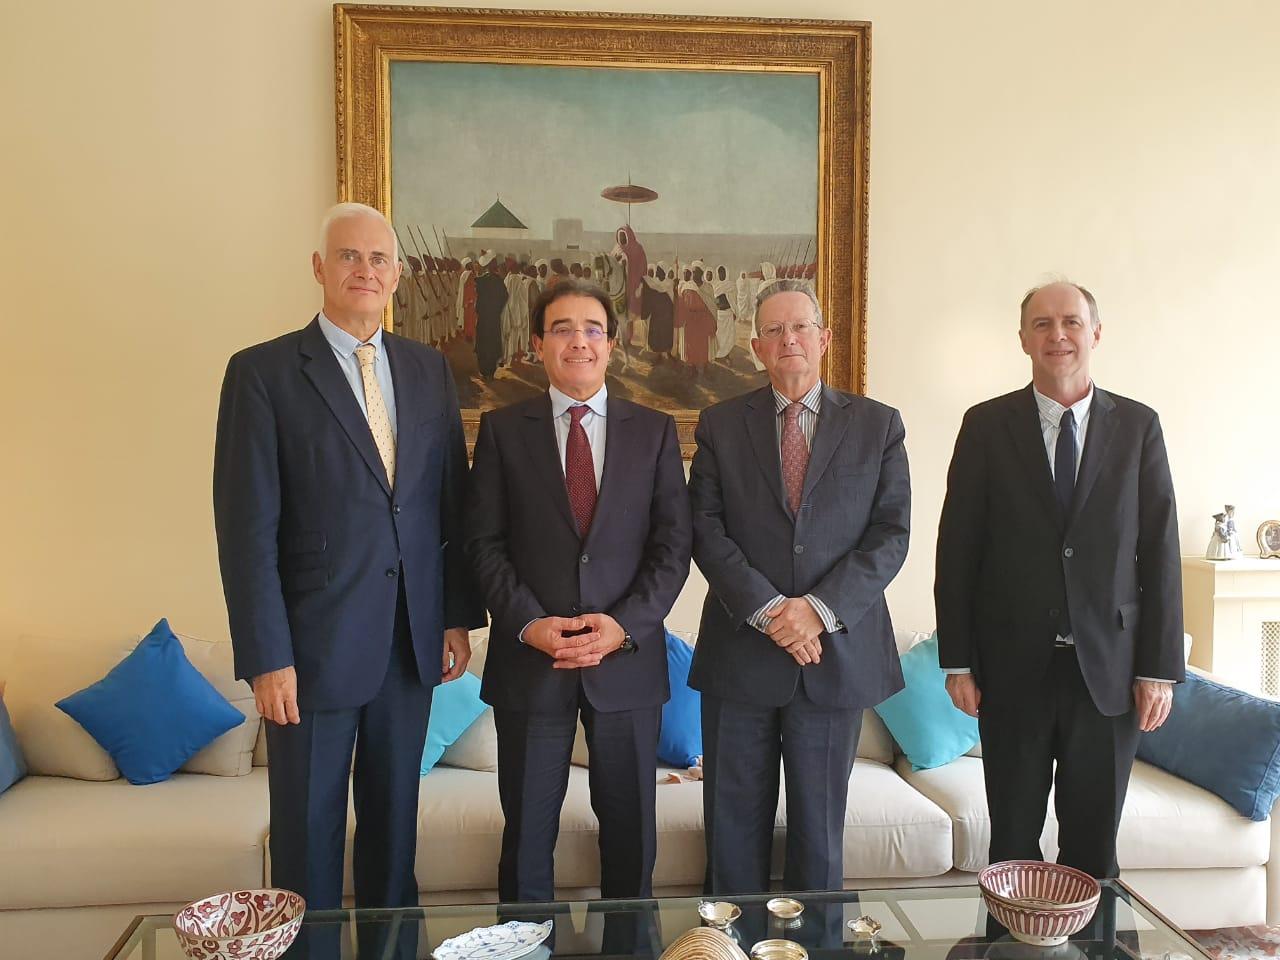 السفير  البلجيكي بالرباط يحتفي بالوزير عبد الكريم بنعتيق بطريقة استثنائية